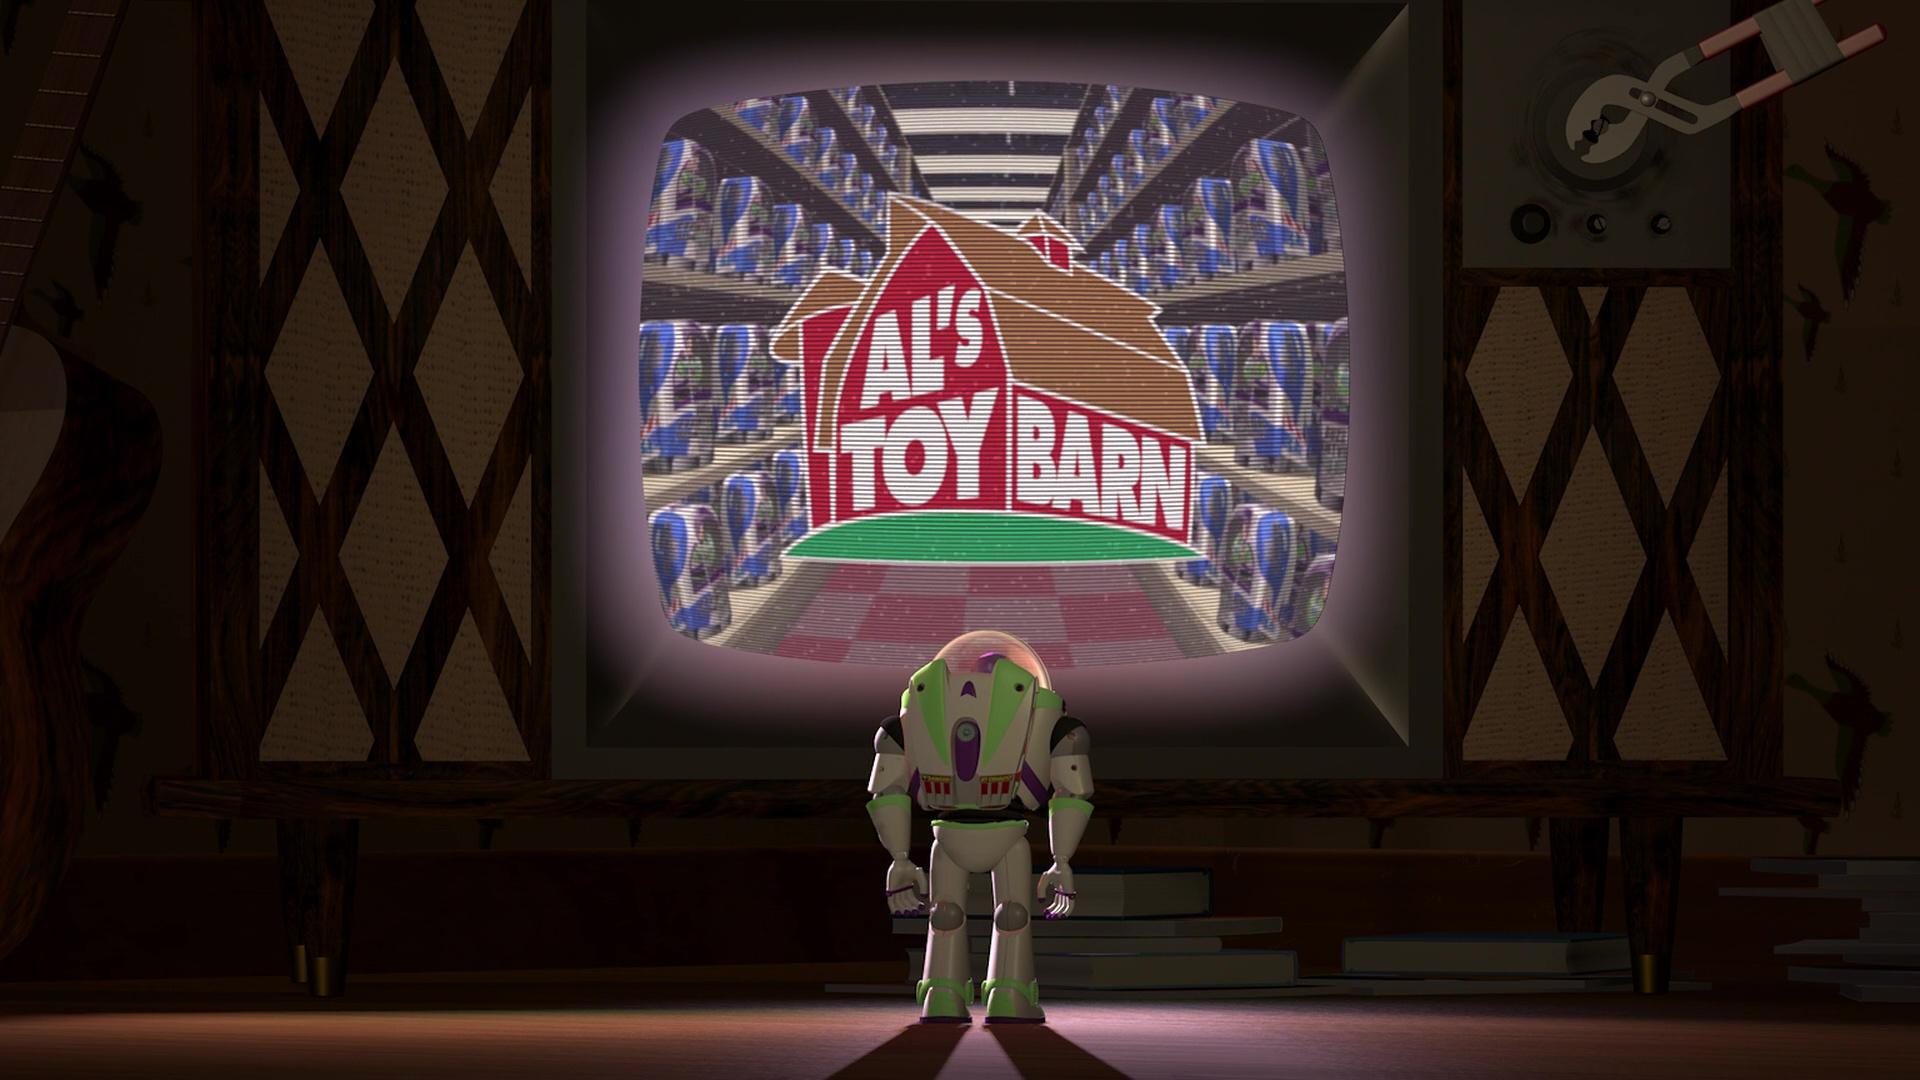 File:Alstoybarncommercial.jpg